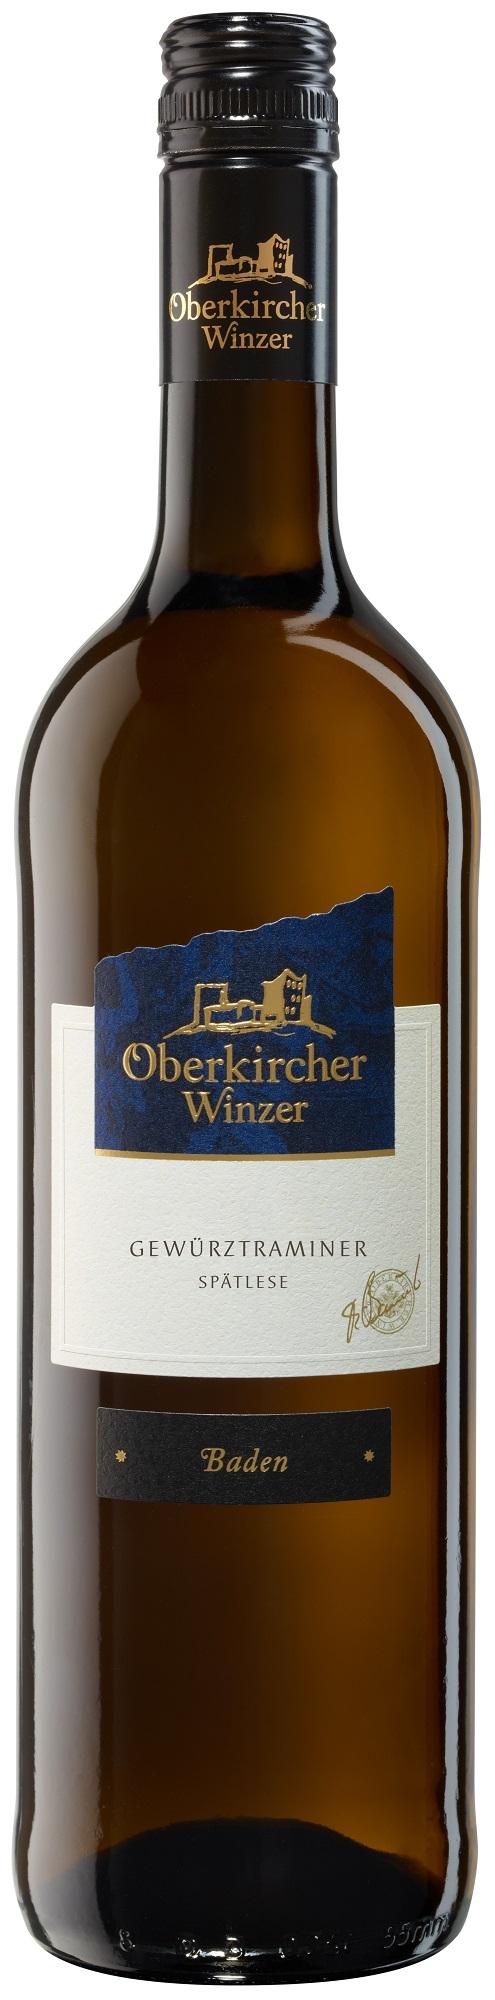 Collection Oberkirch , Gewürztraminer Spätlese